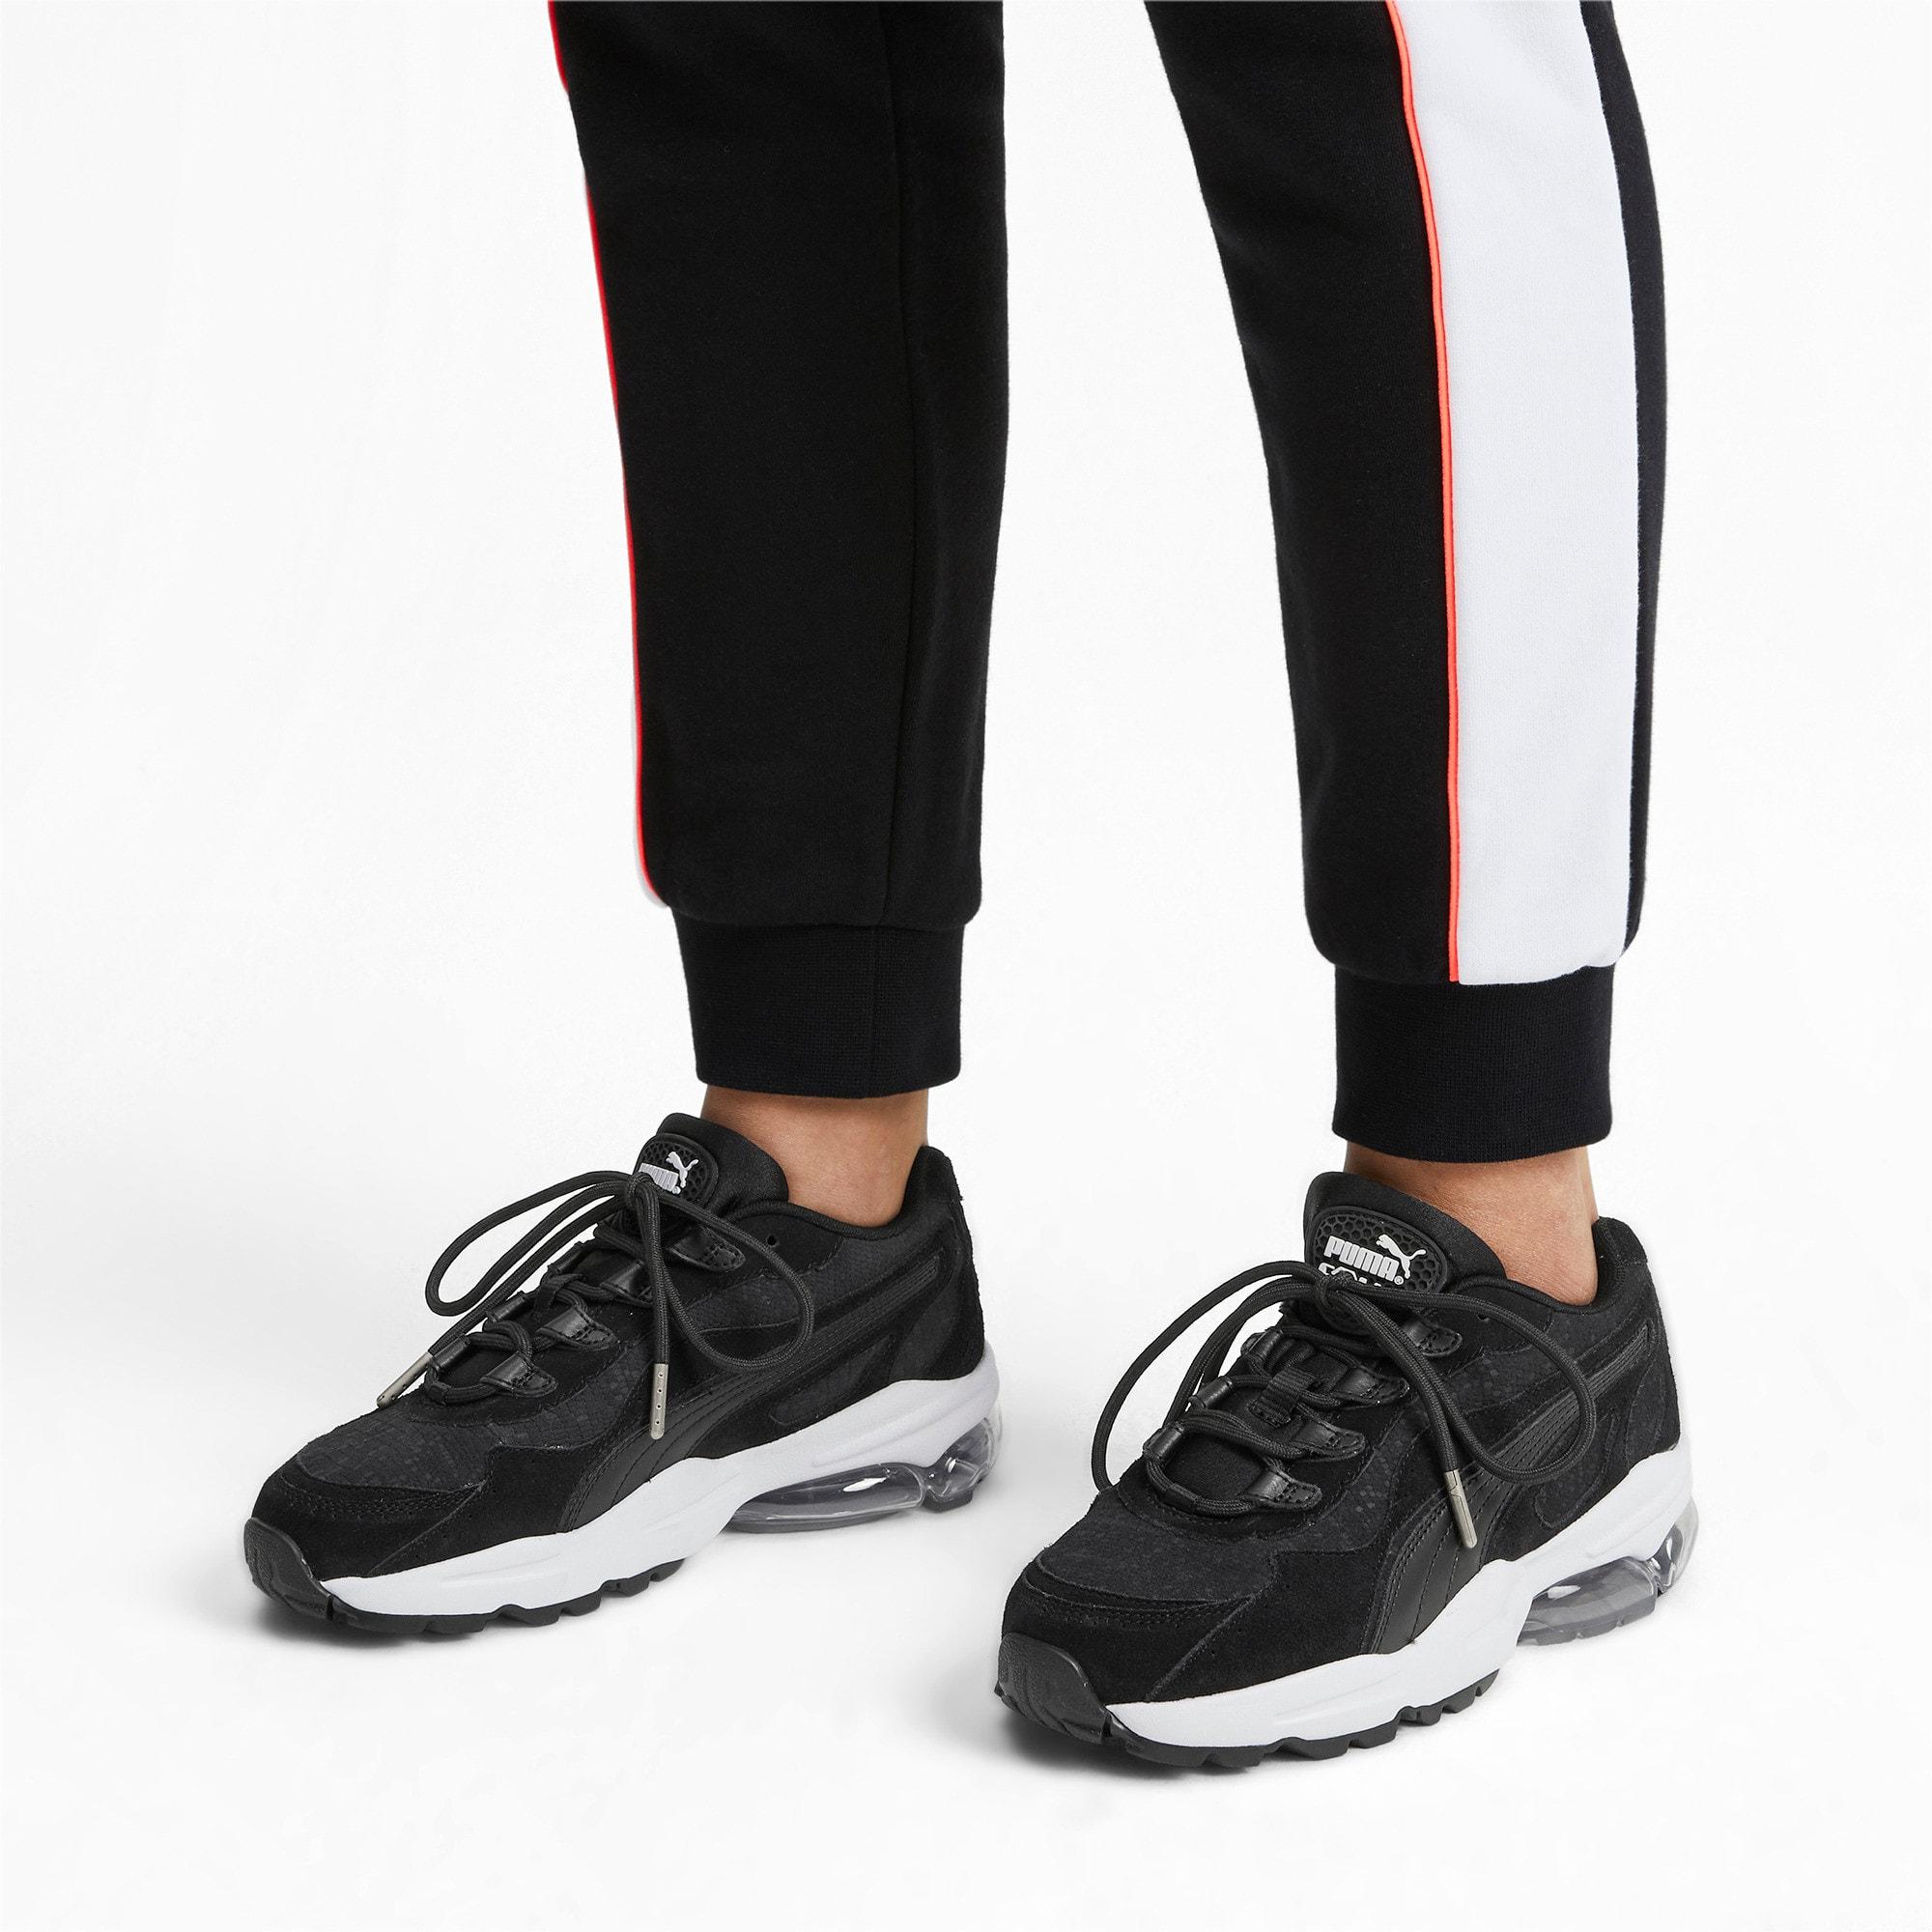 Thumbnail 2 of CELL Stellar Tonal Women's Sneakers, Puma Black-Puma Team Gold, medium